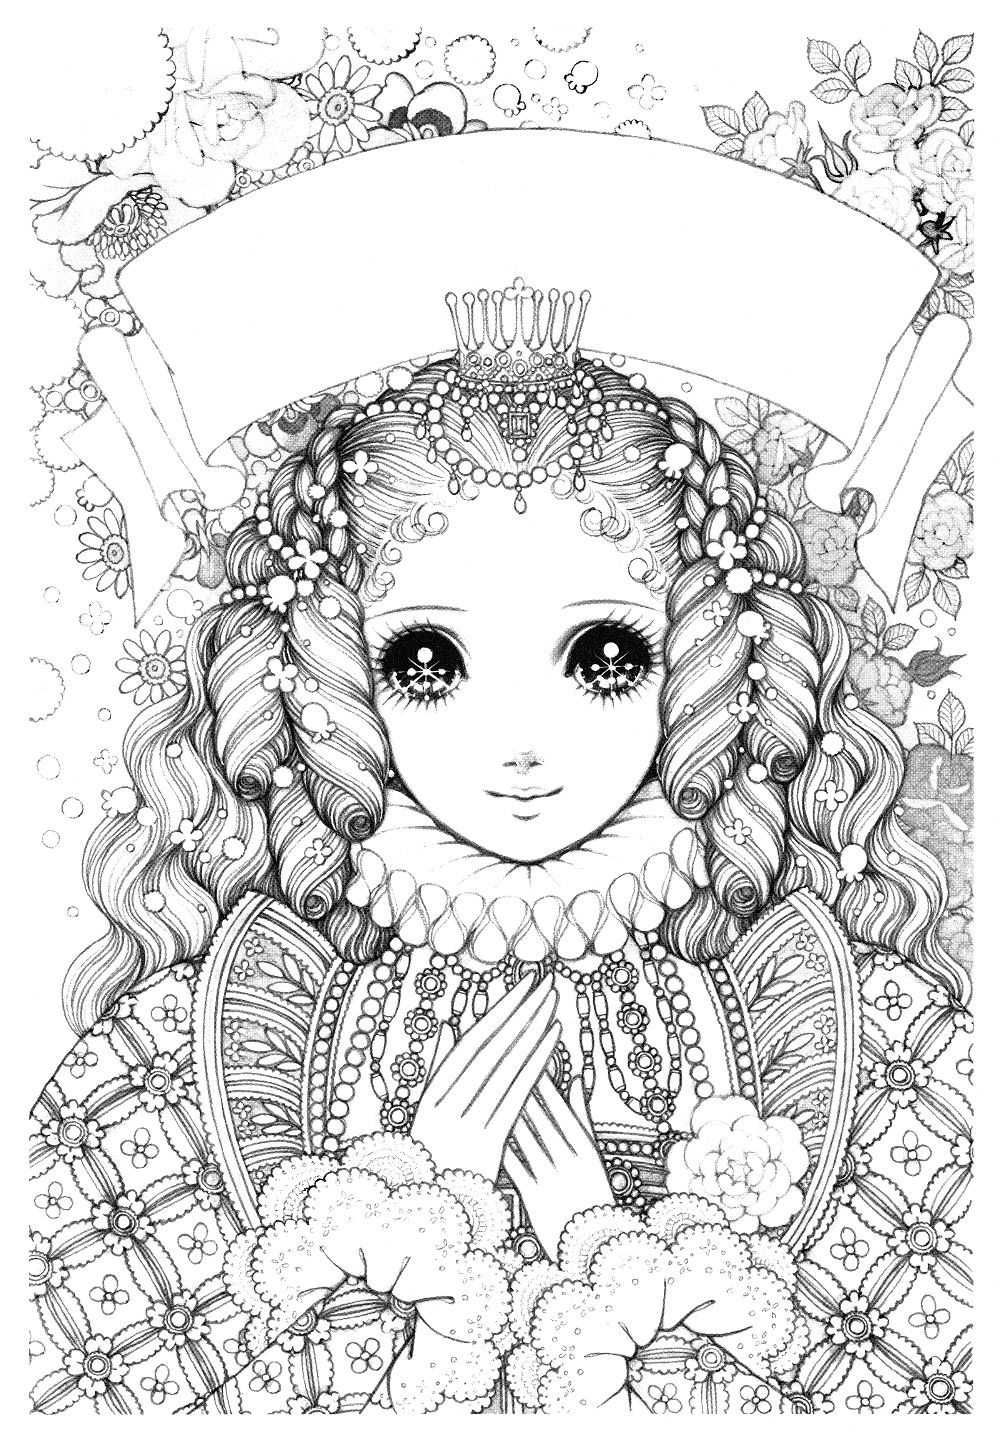 高橋真琴のお姫様ぬりえ ミツキmaウスの小さな世界 塗り絵